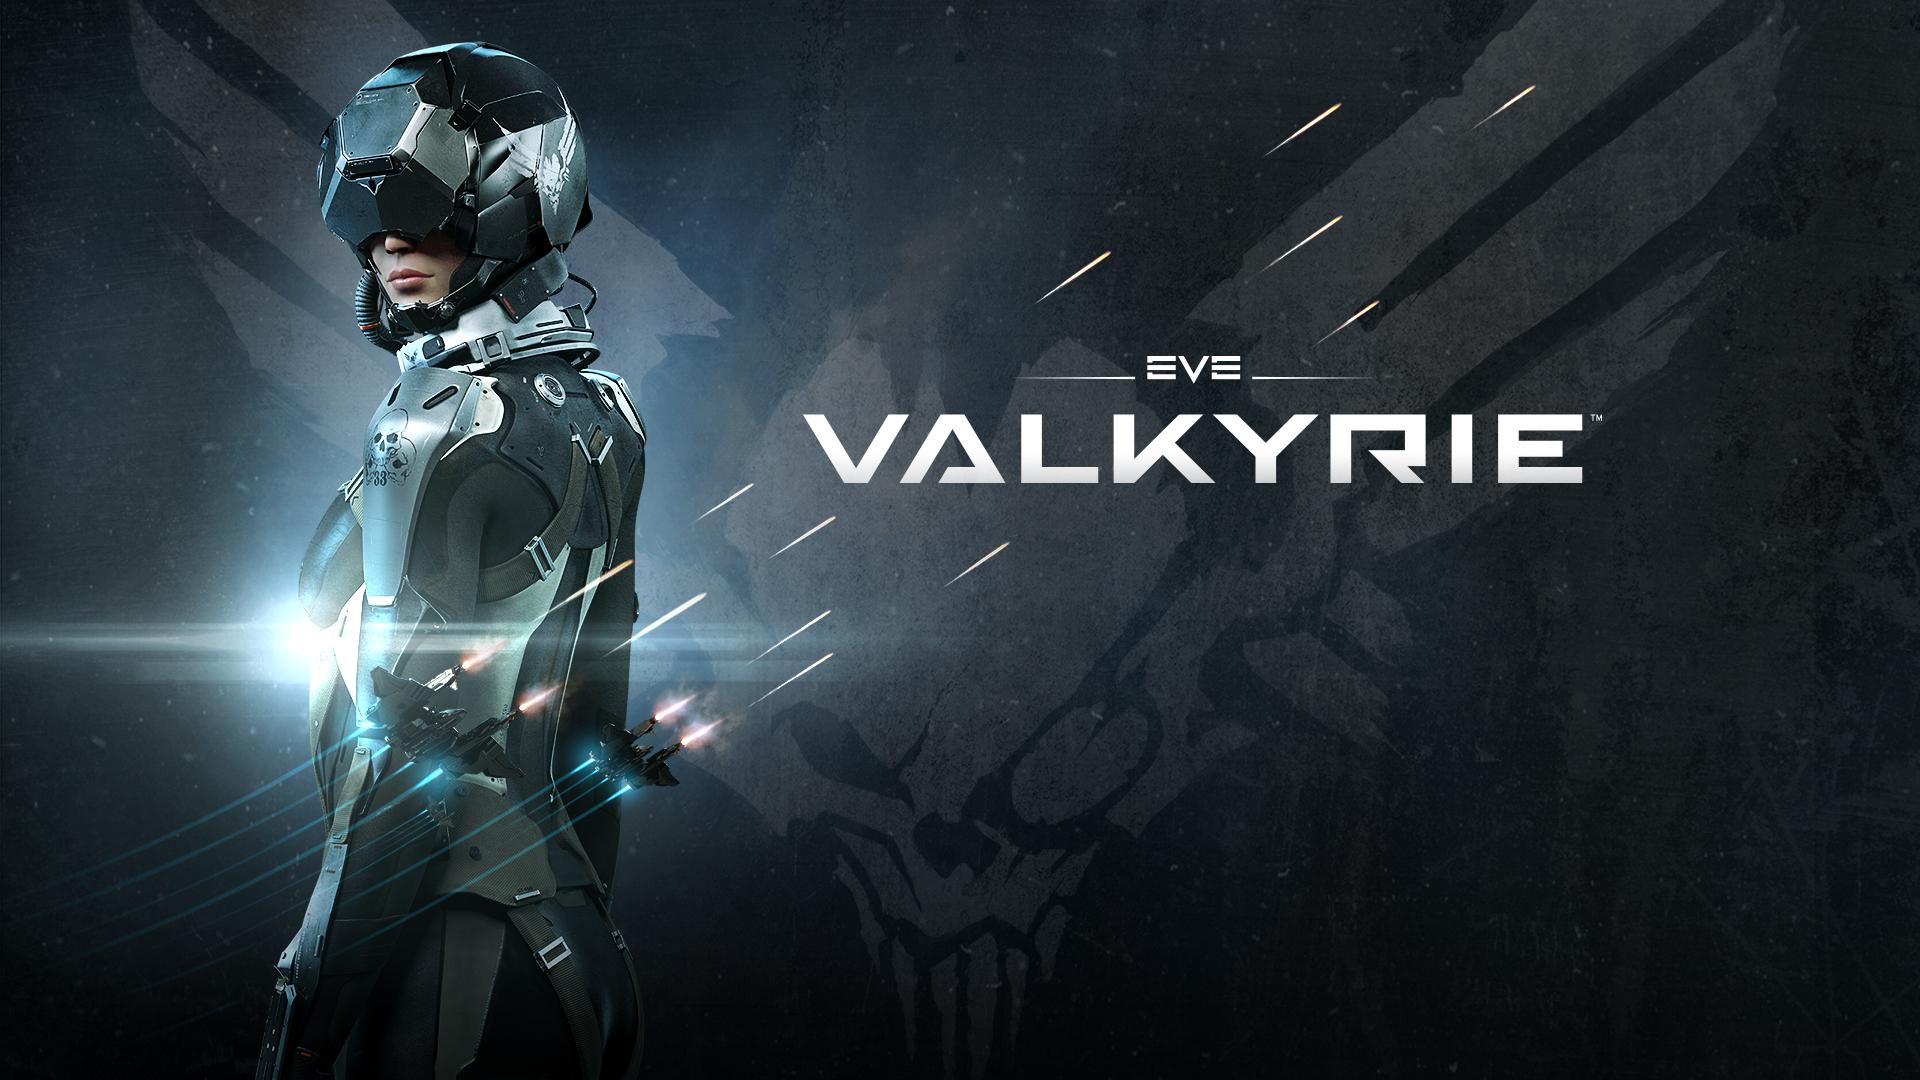 Eve: Valkyrie